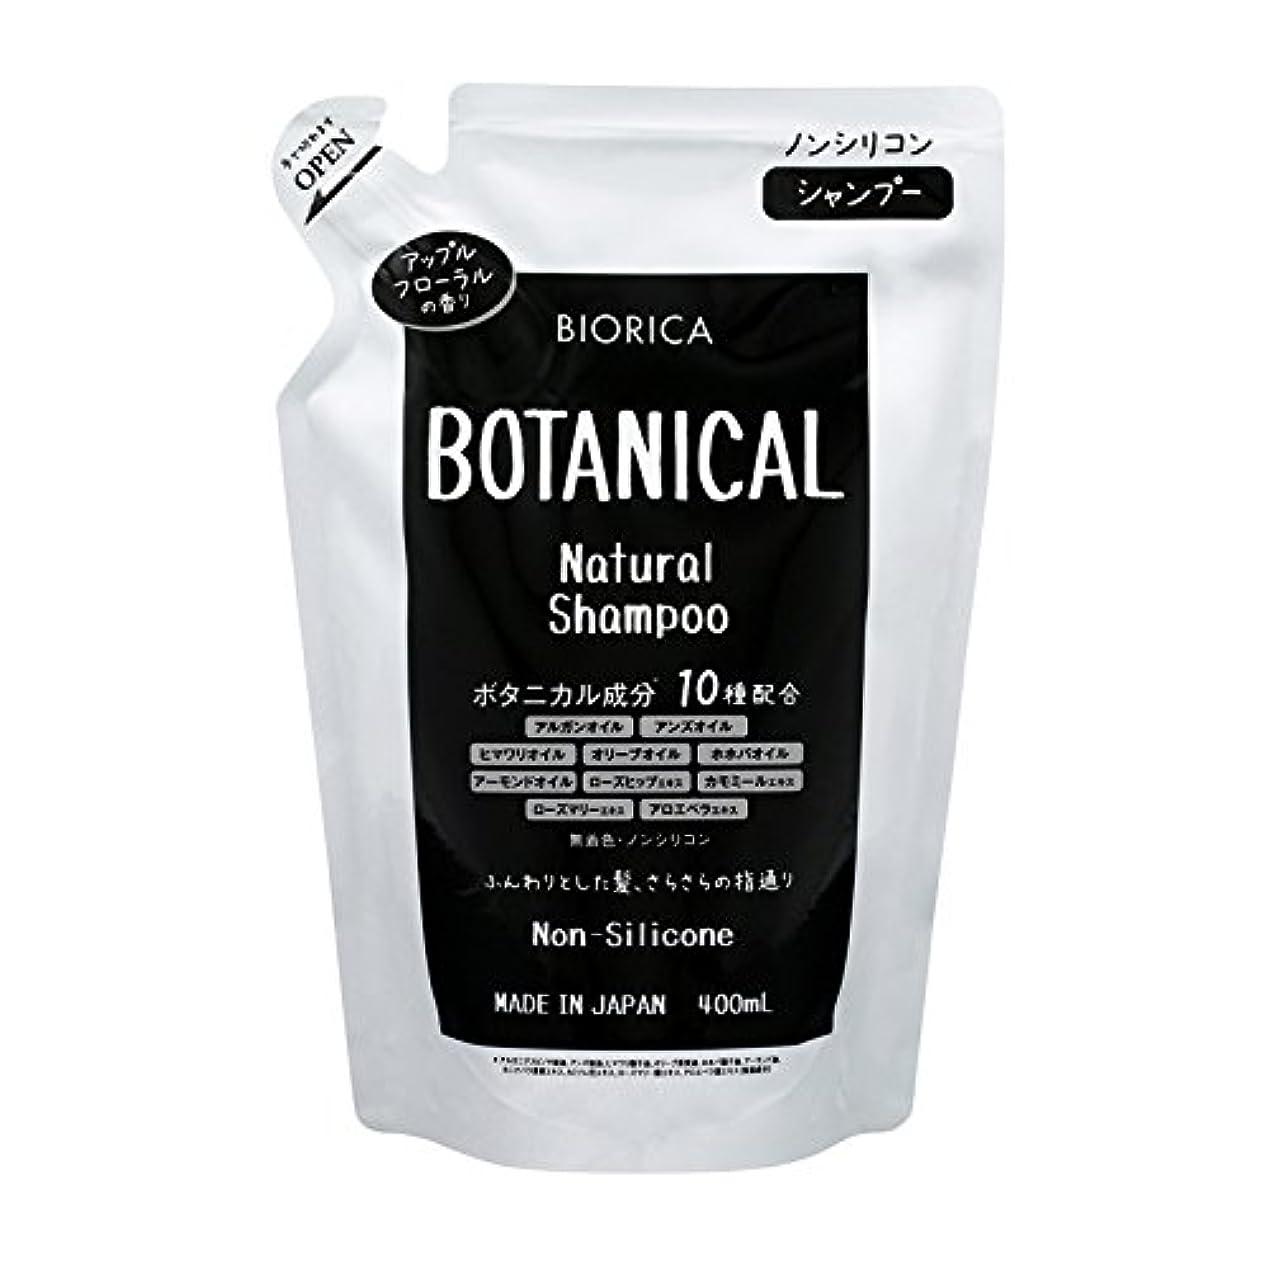 パシフィックいたずらセンチメンタルBIORICA ビオリカ ボタニカル ノンシリコン シャンプー 詰め替え アップルフローラルの香り 400ml 日本製